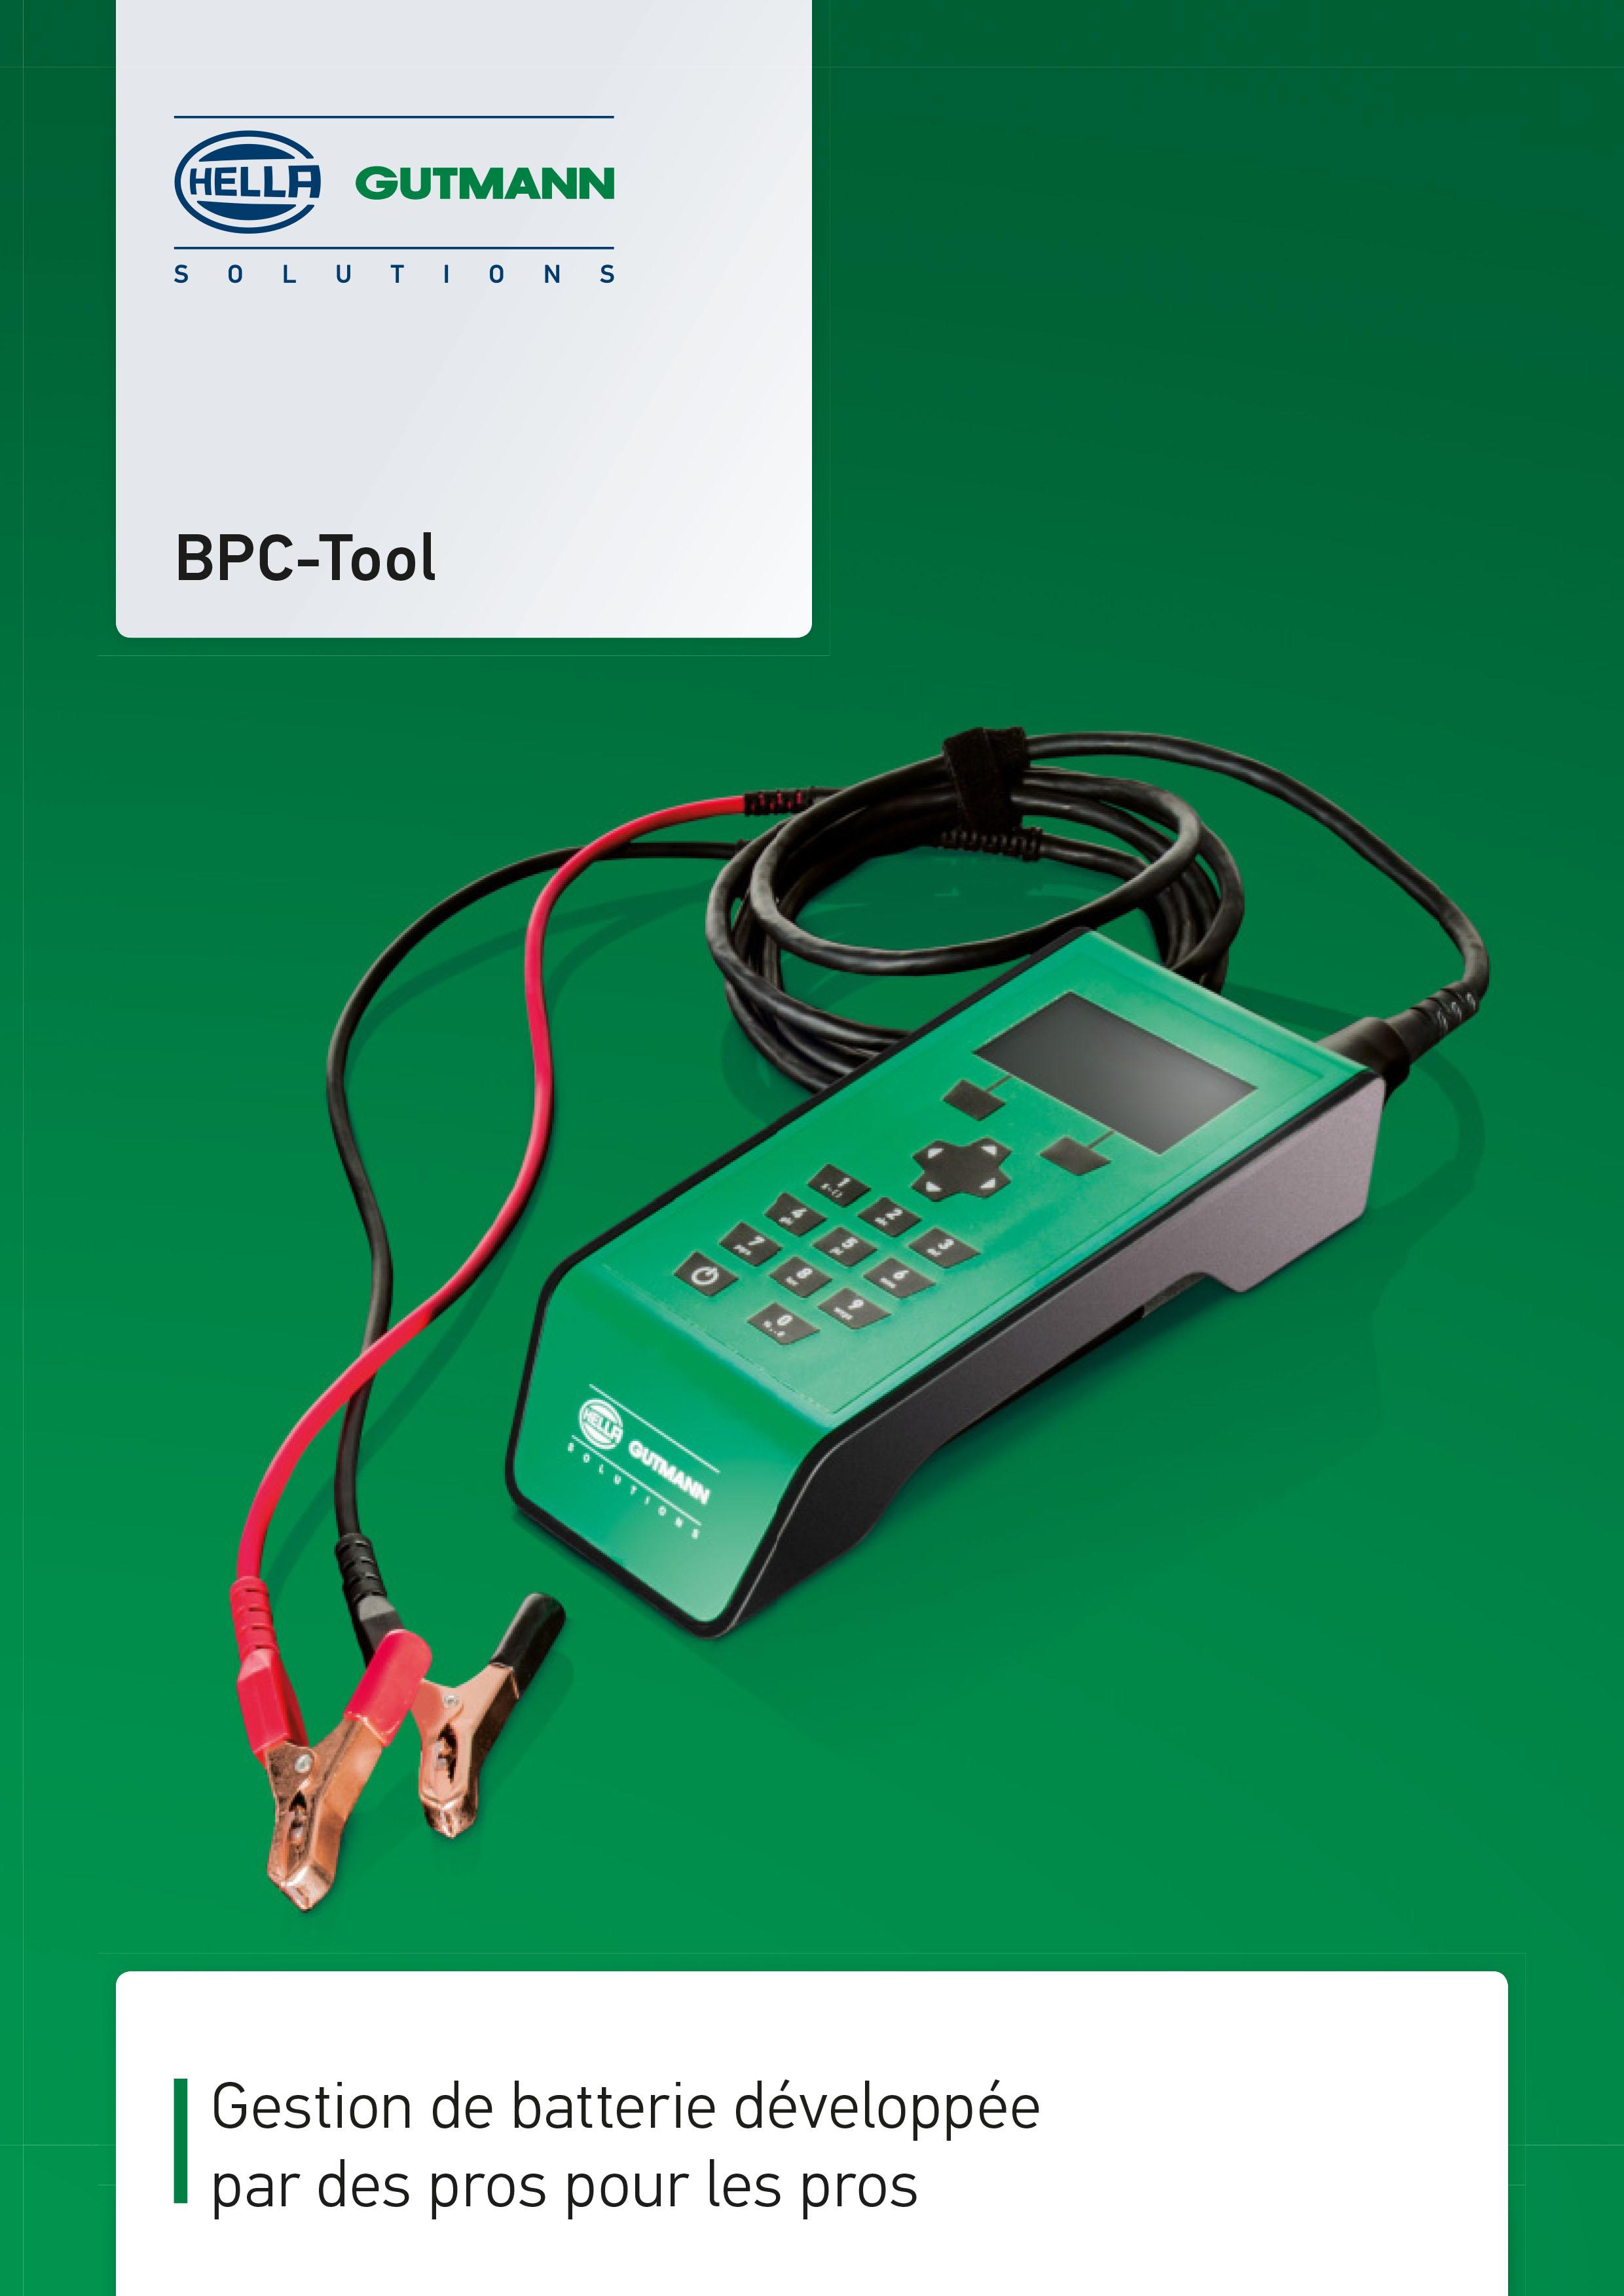 csm_HGS_BPC-Tool_fr_2747bd7b95.jpg